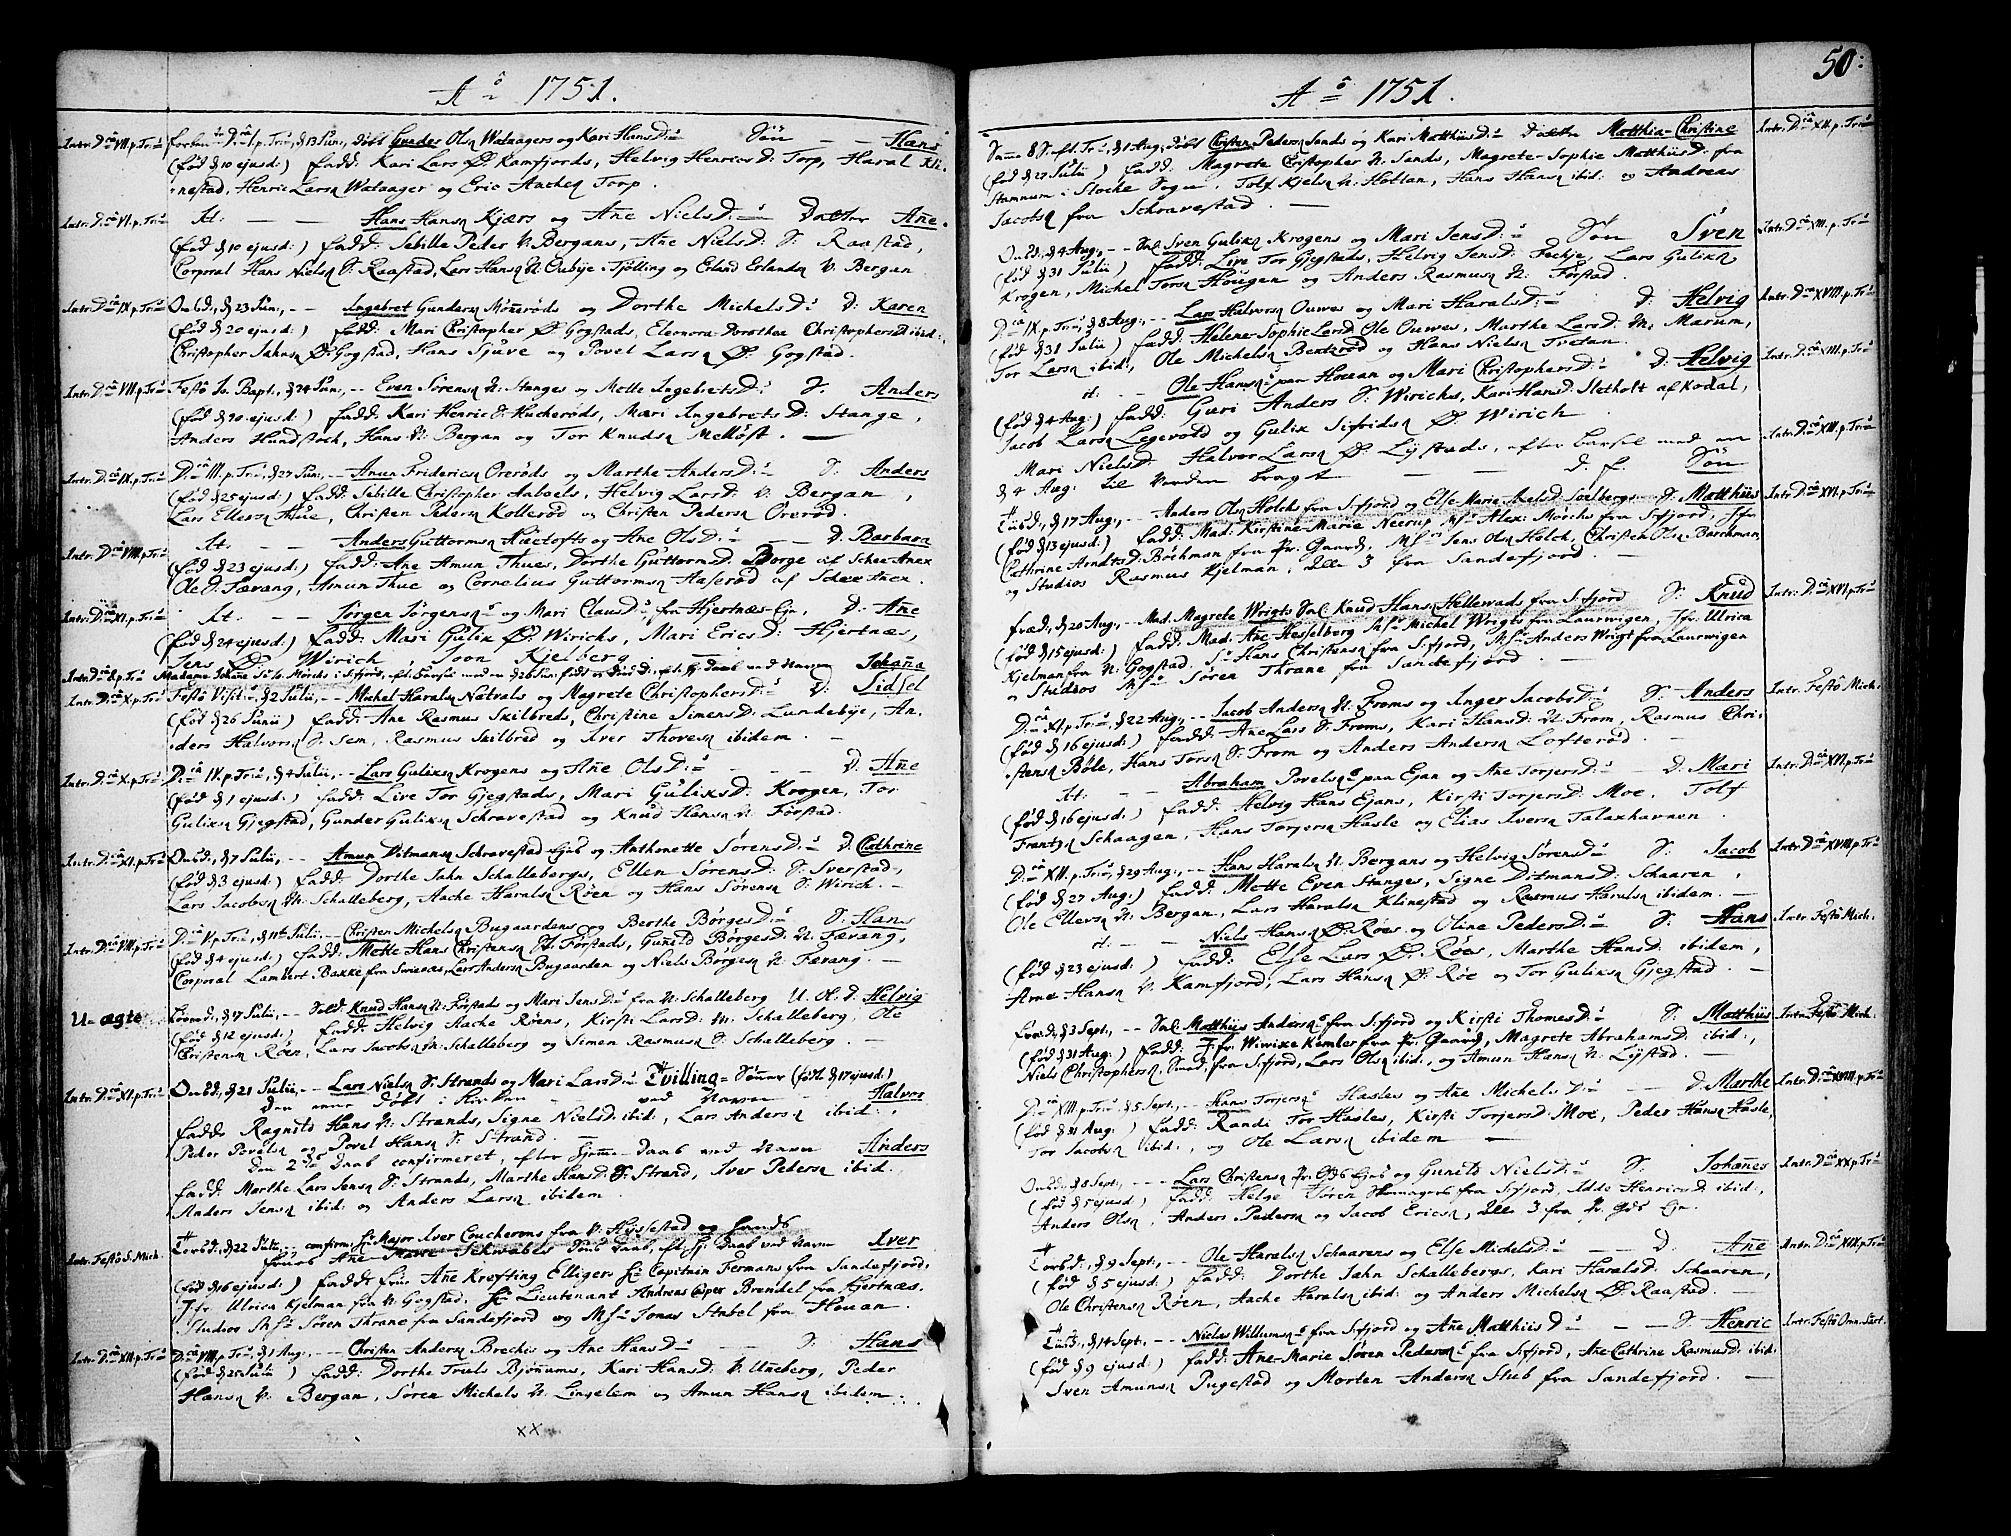 SAKO, Sandar kirkebøker, F/Fa/L0002: Ministerialbok nr. 2, 1733-1788, s. 50